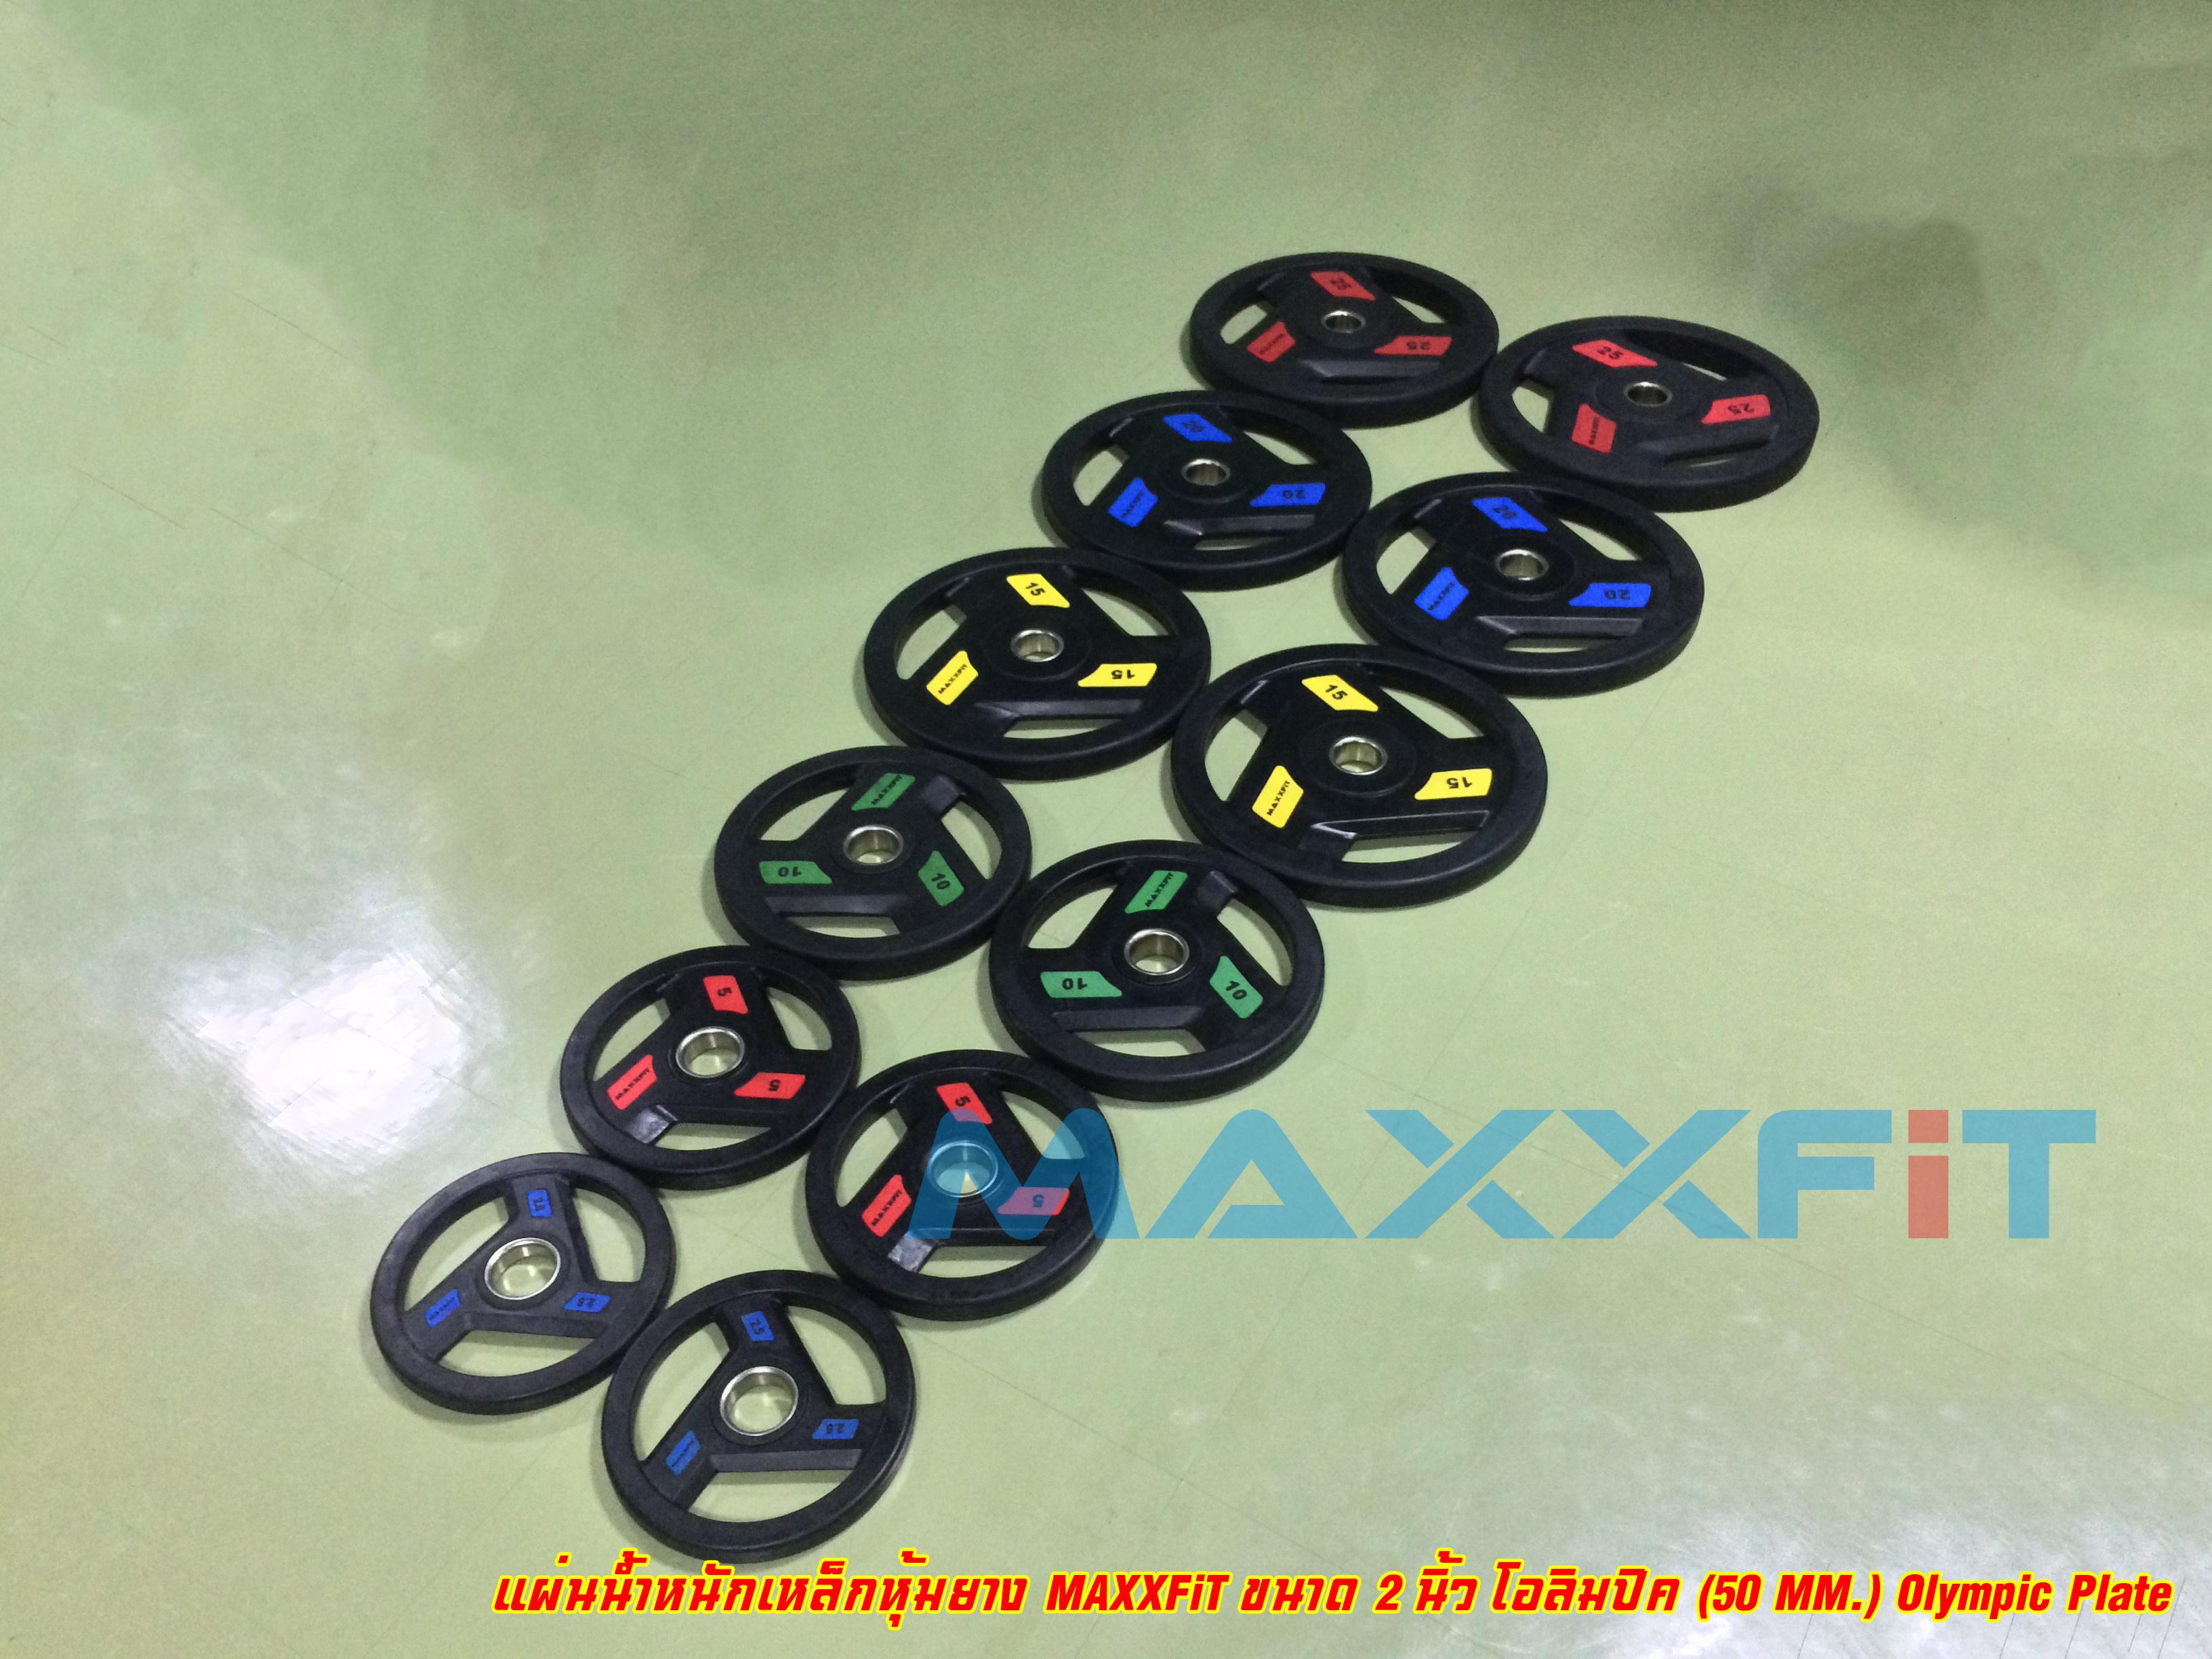 แผ่นน้ำหนักเหล็กหุ้มยาง MAXXFiT ขนาด 2 นิ้ว โอลิมปิค (50 MM.) Olympic Plate